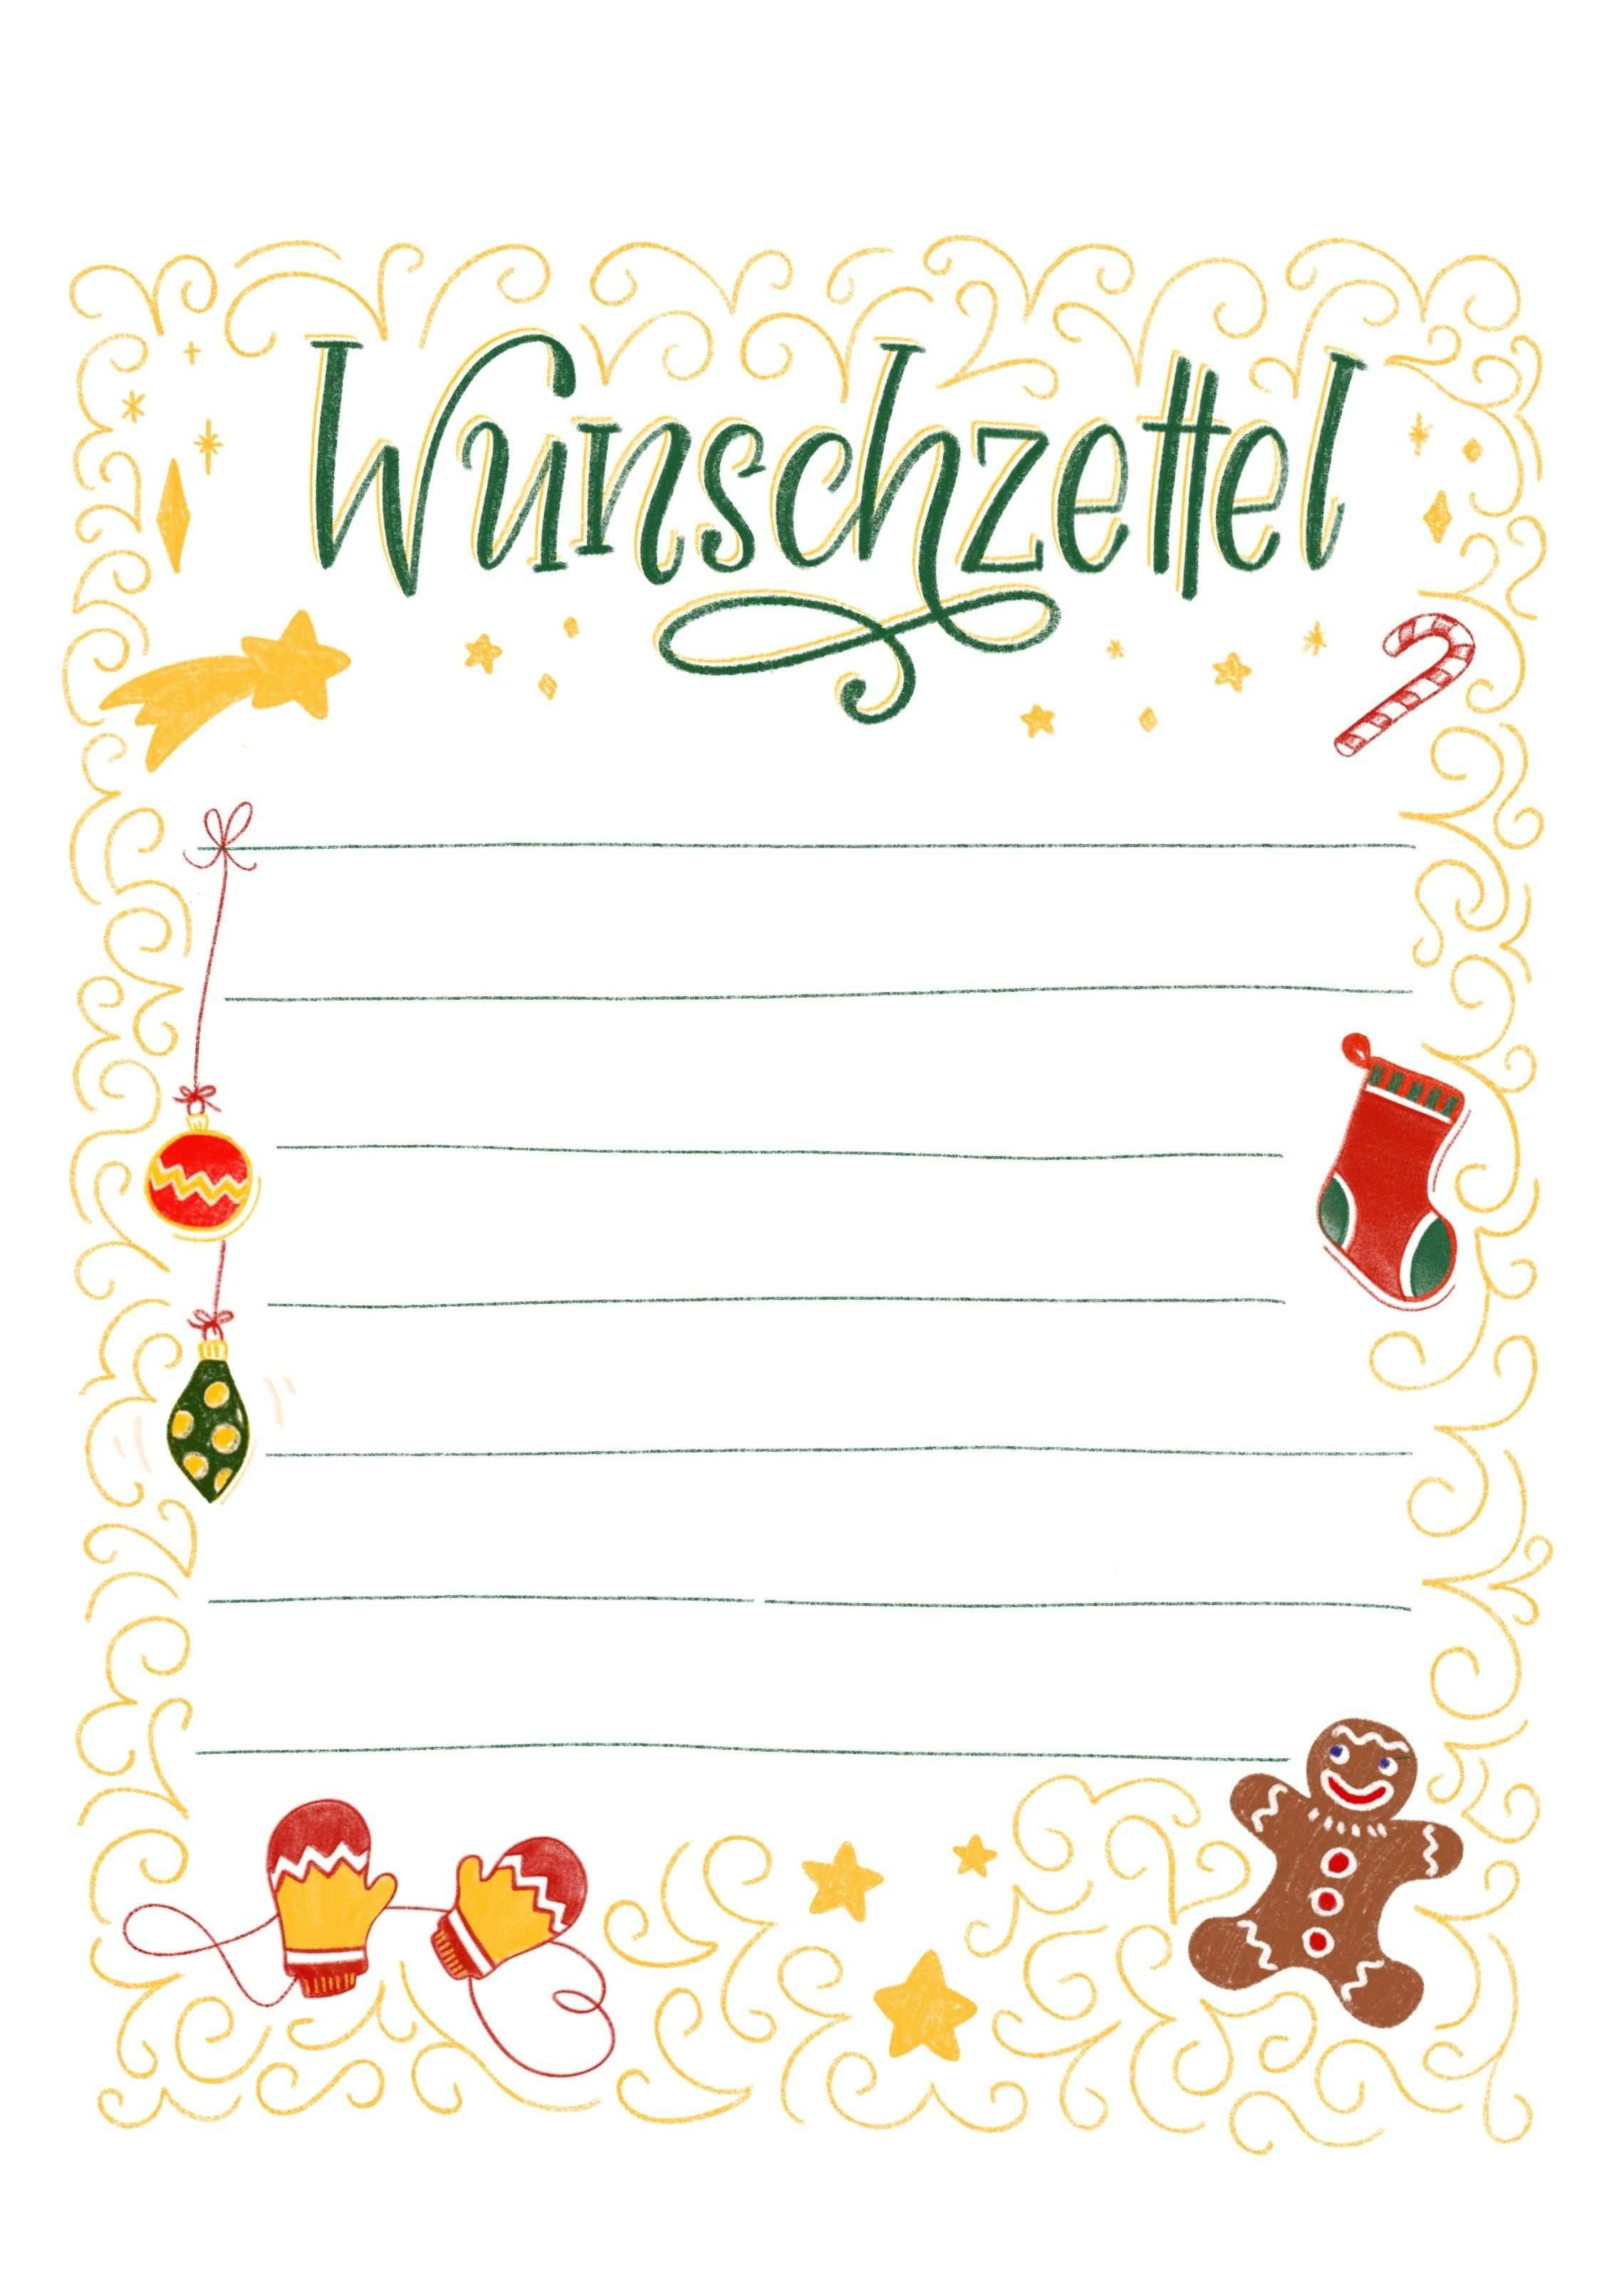 Wunschzettel Vorlage Zum Ausdrucken Bunte Galerie Wunschliste Weihnachten Brief Ans Christkind Weihnachtskarte Grusse